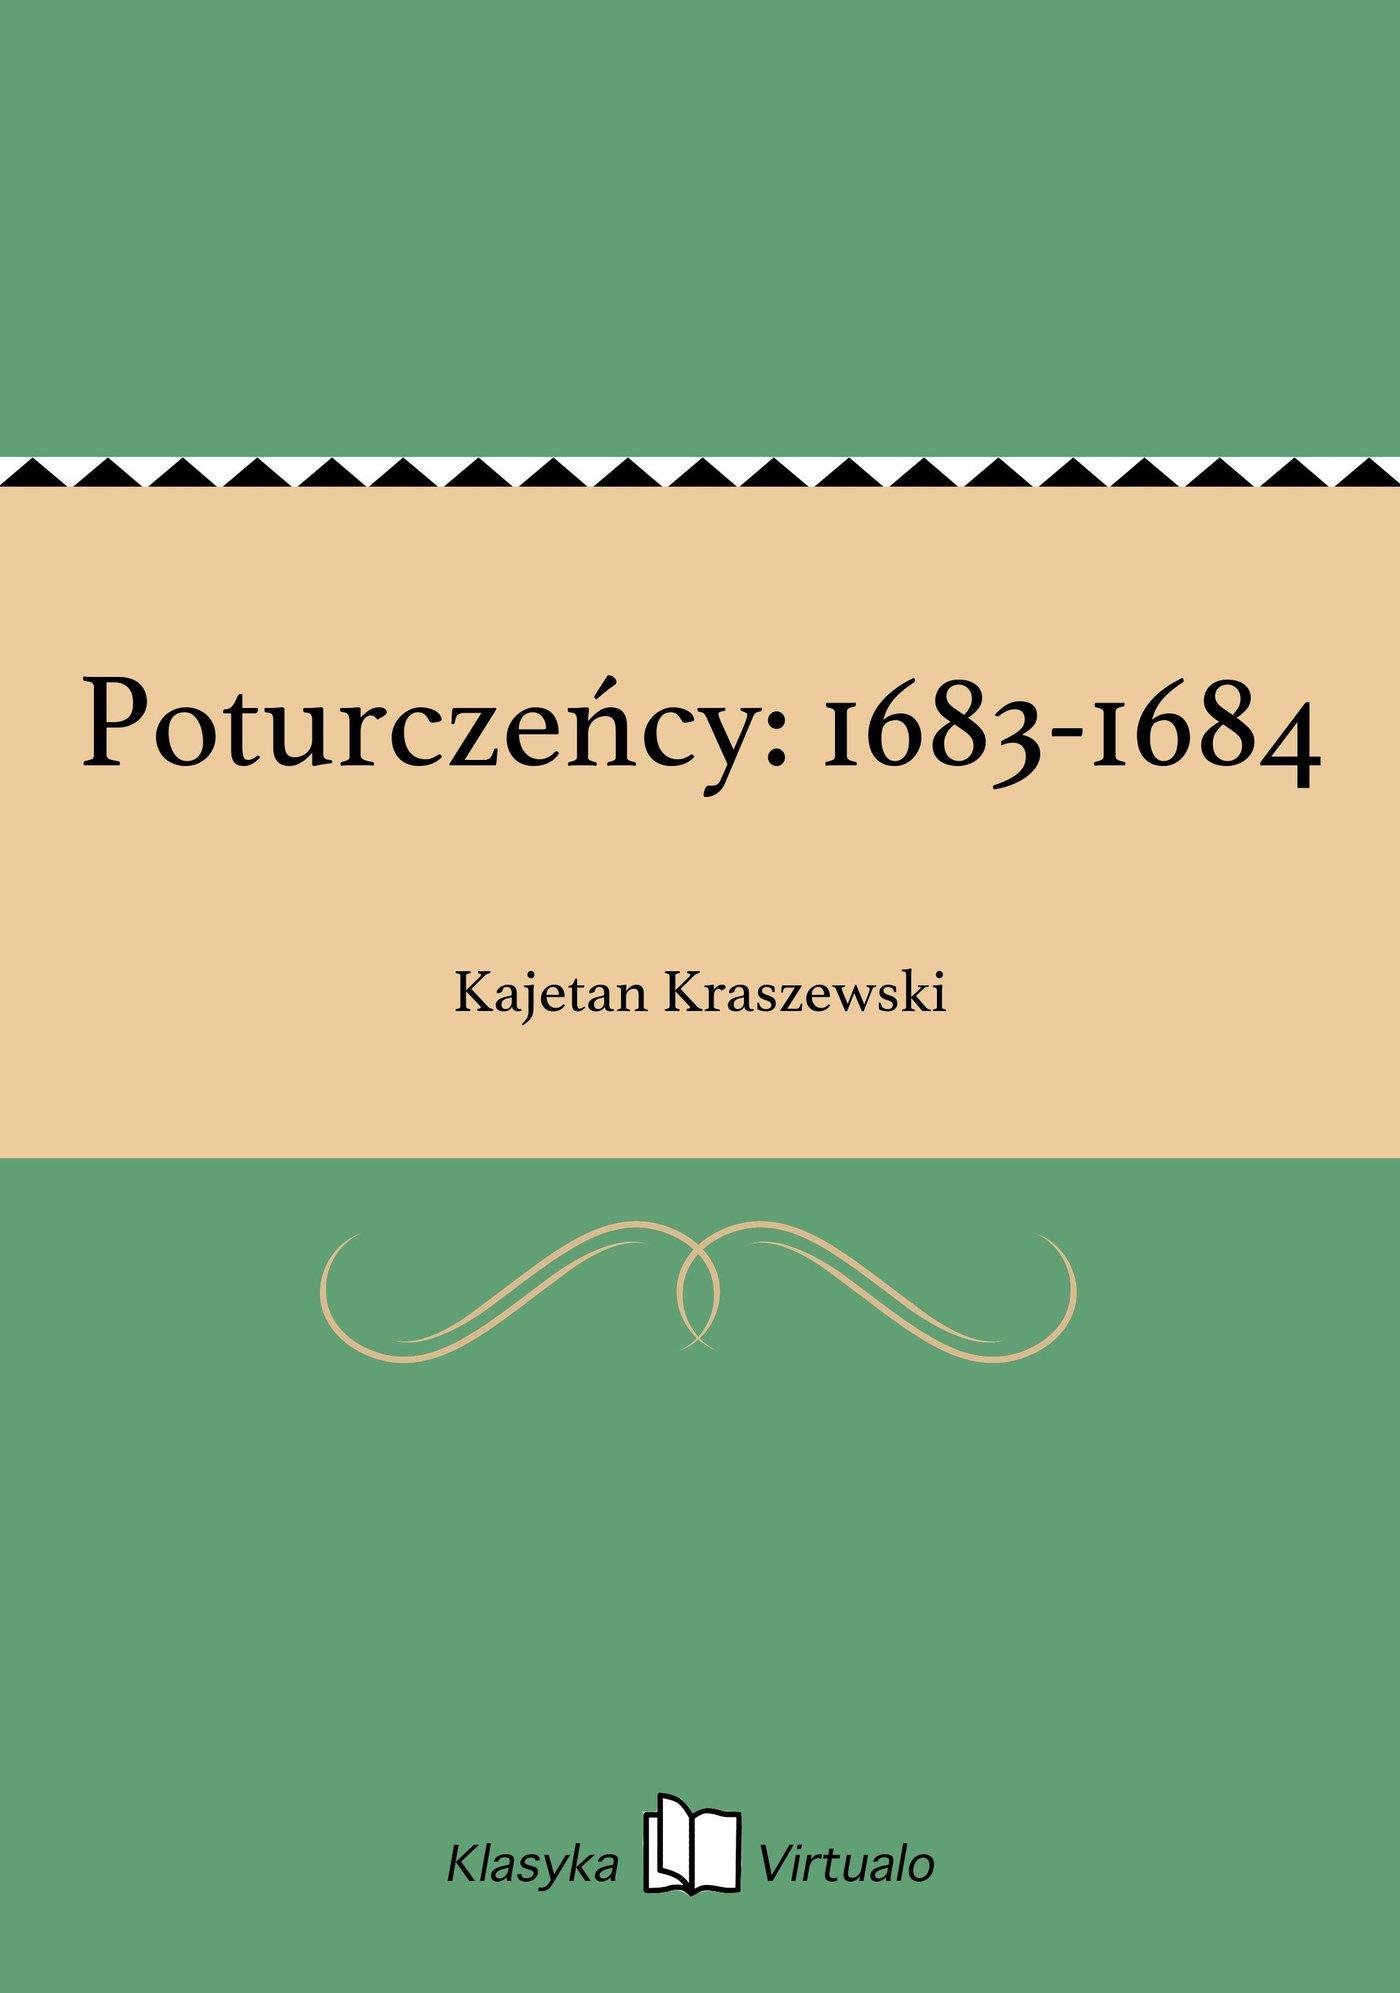 Poturczeńcy: 1683-1684 - Ebook (Książka EPUB) do pobrania w formacie EPUB